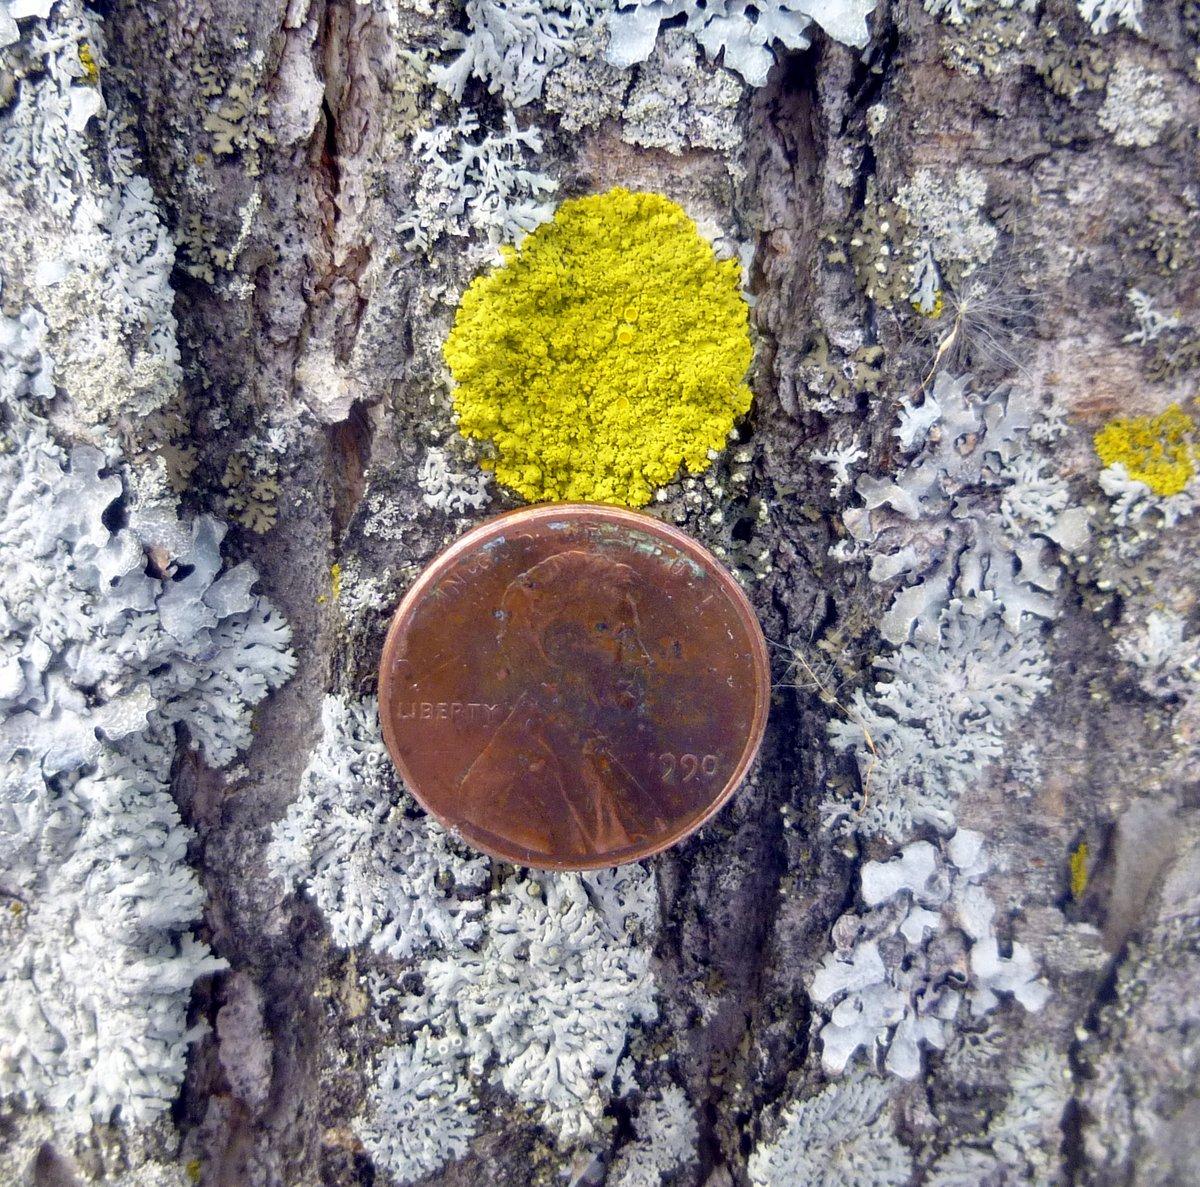 5. Penny on Tree